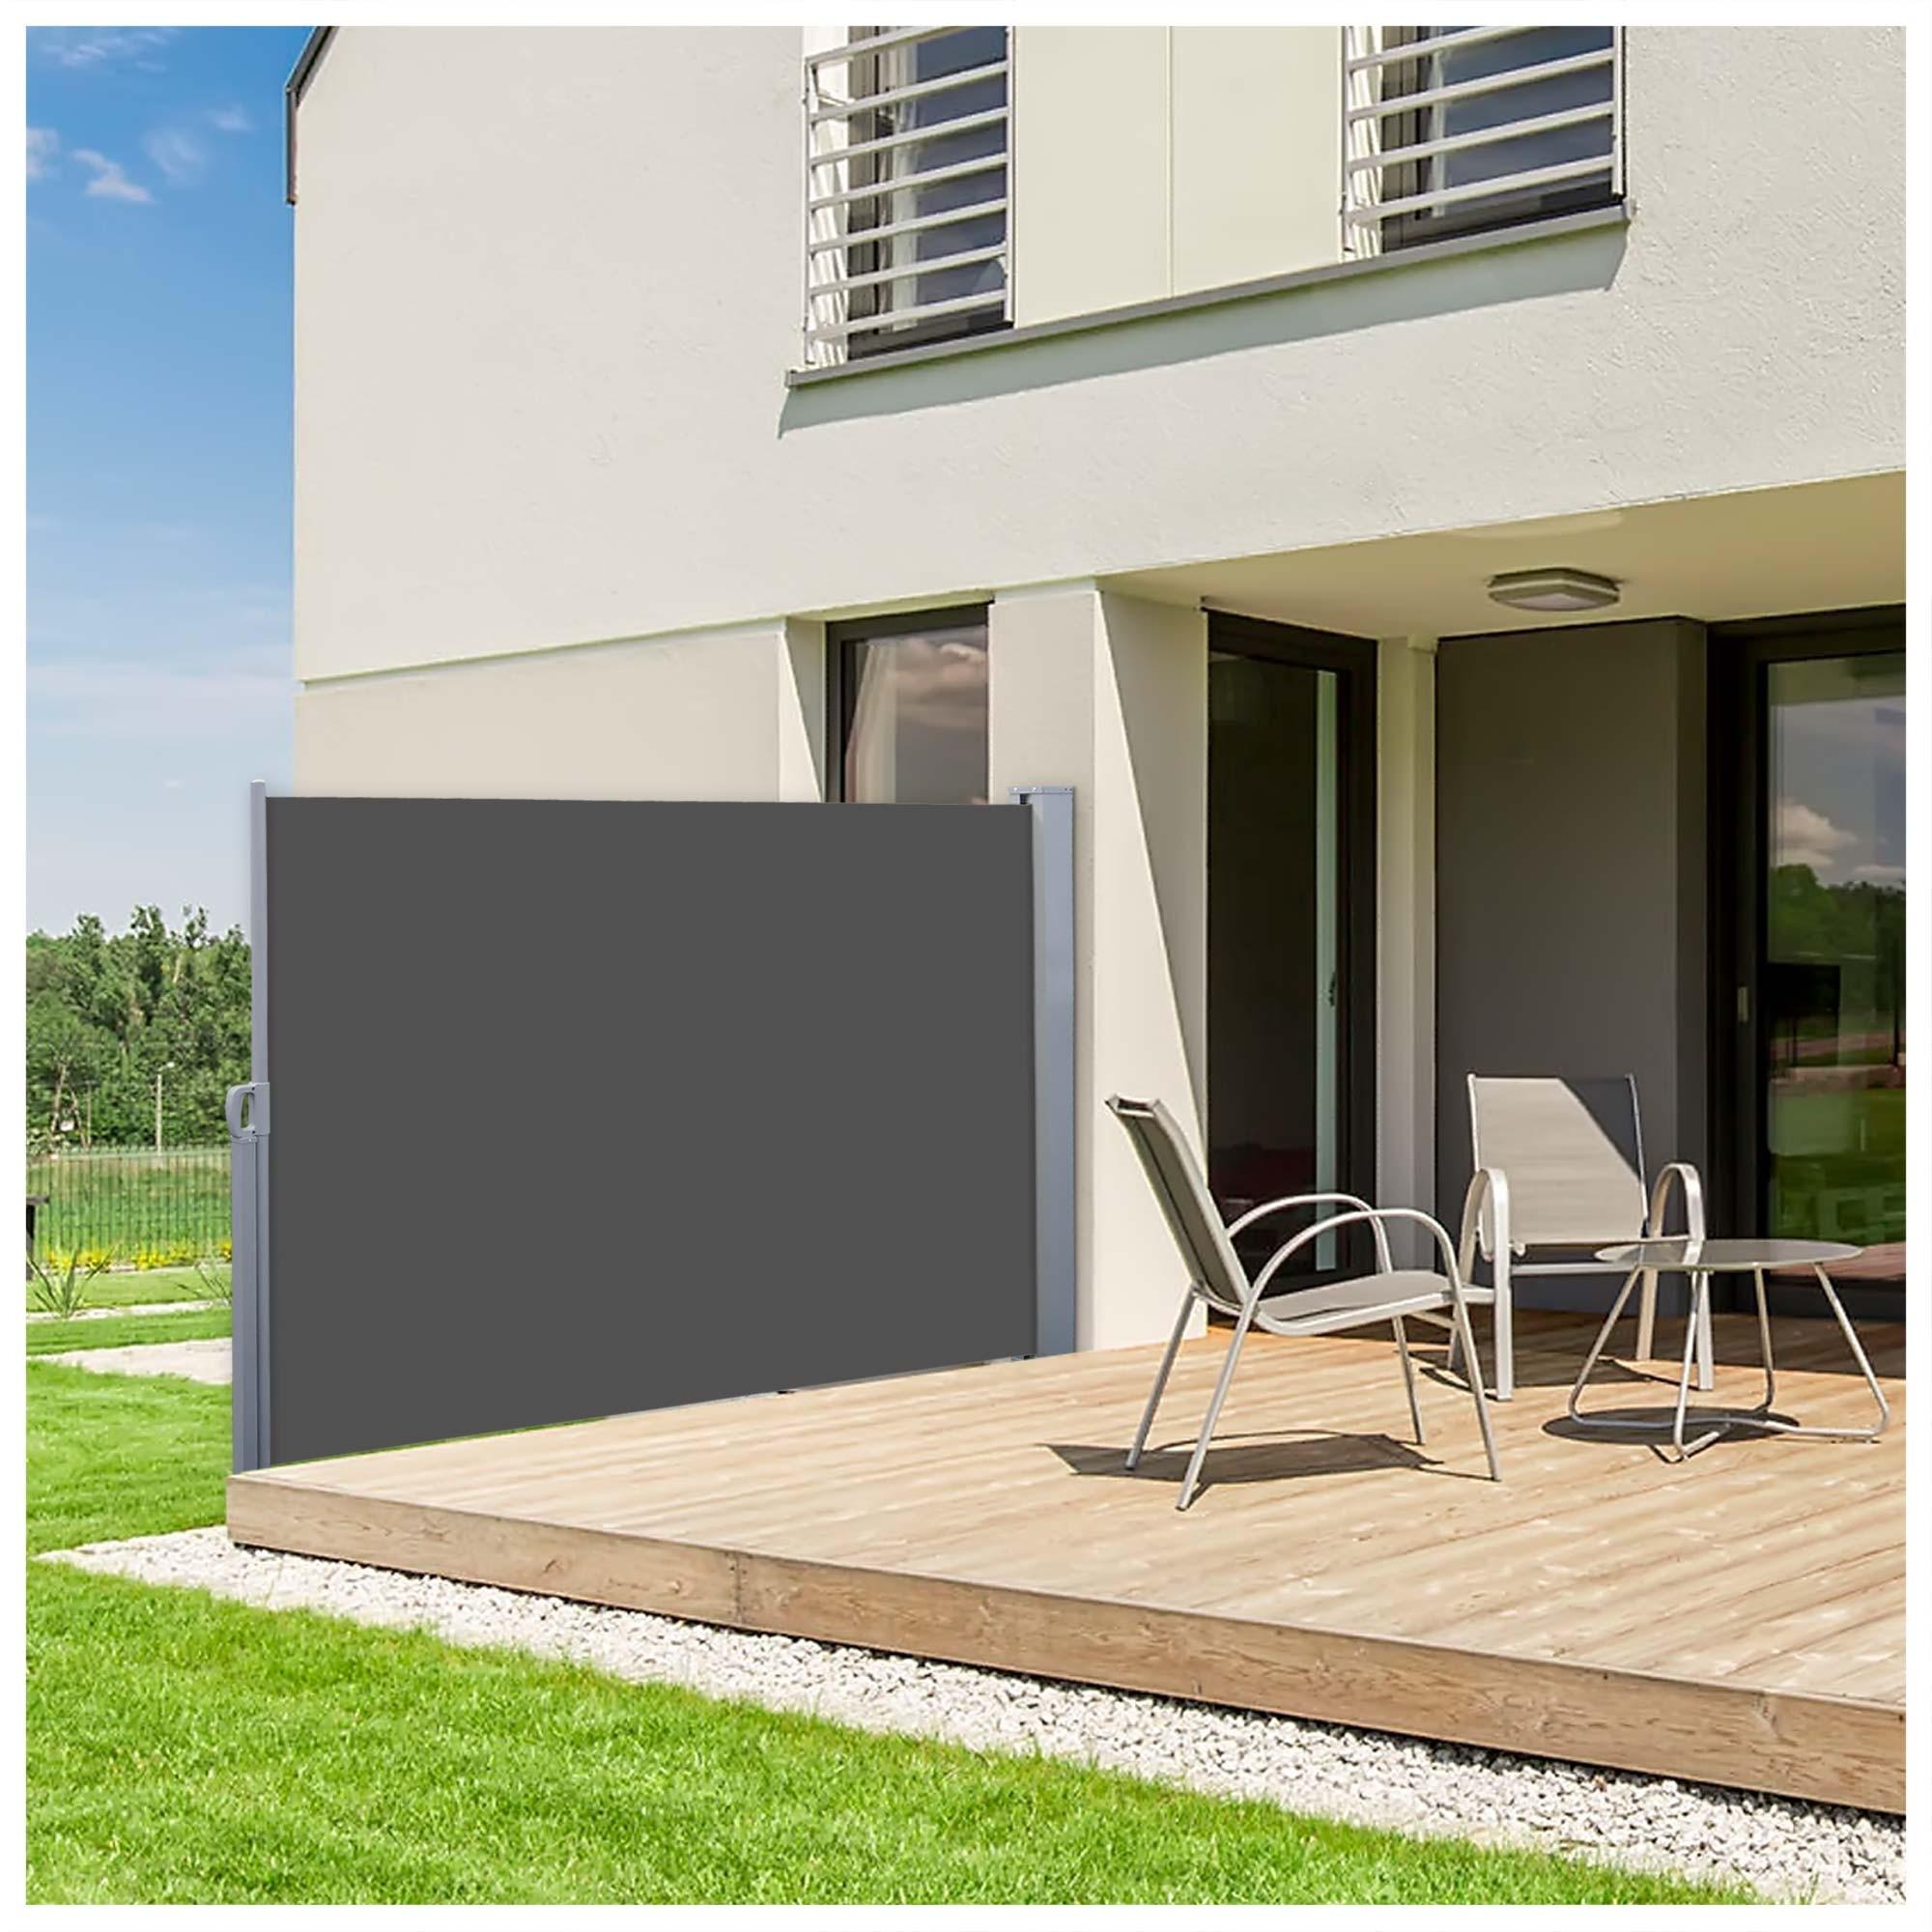 wundersch nen balkon sichtschutz ausziehbar einzigartige ideen zum sichtschutz. Black Bedroom Furniture Sets. Home Design Ideas